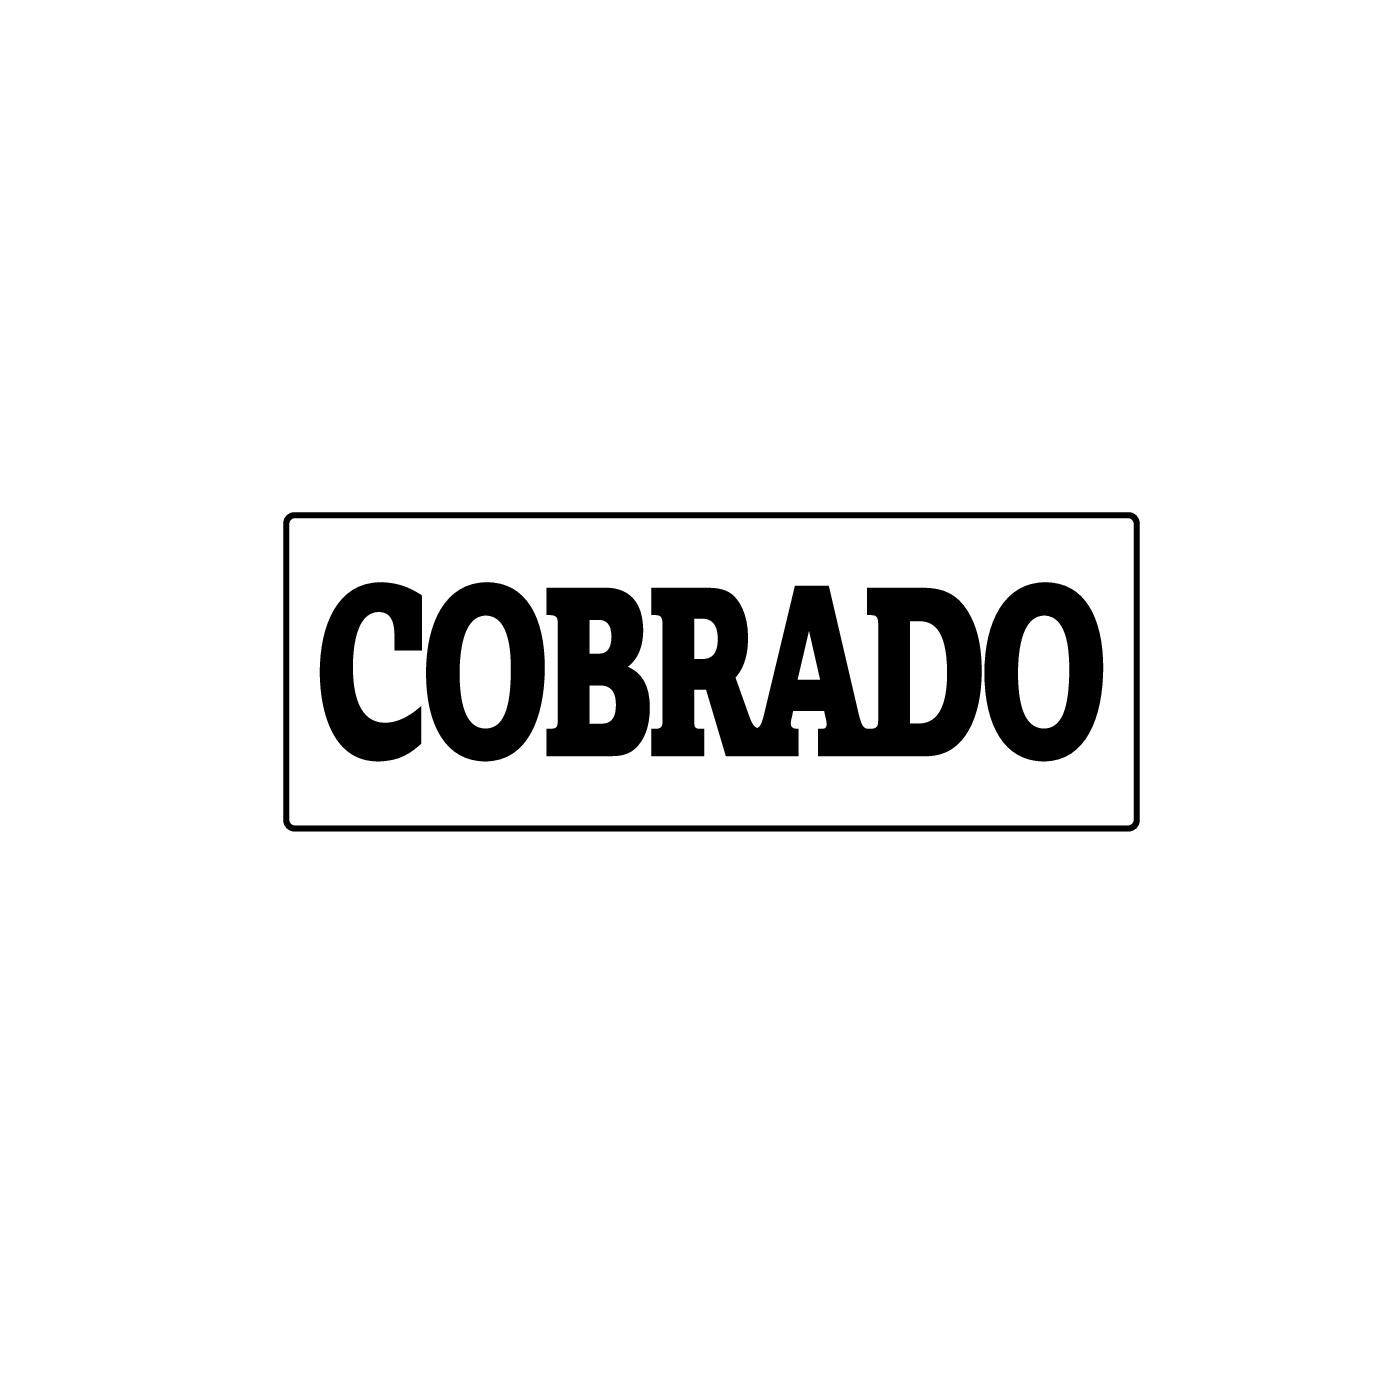 cobrado-001